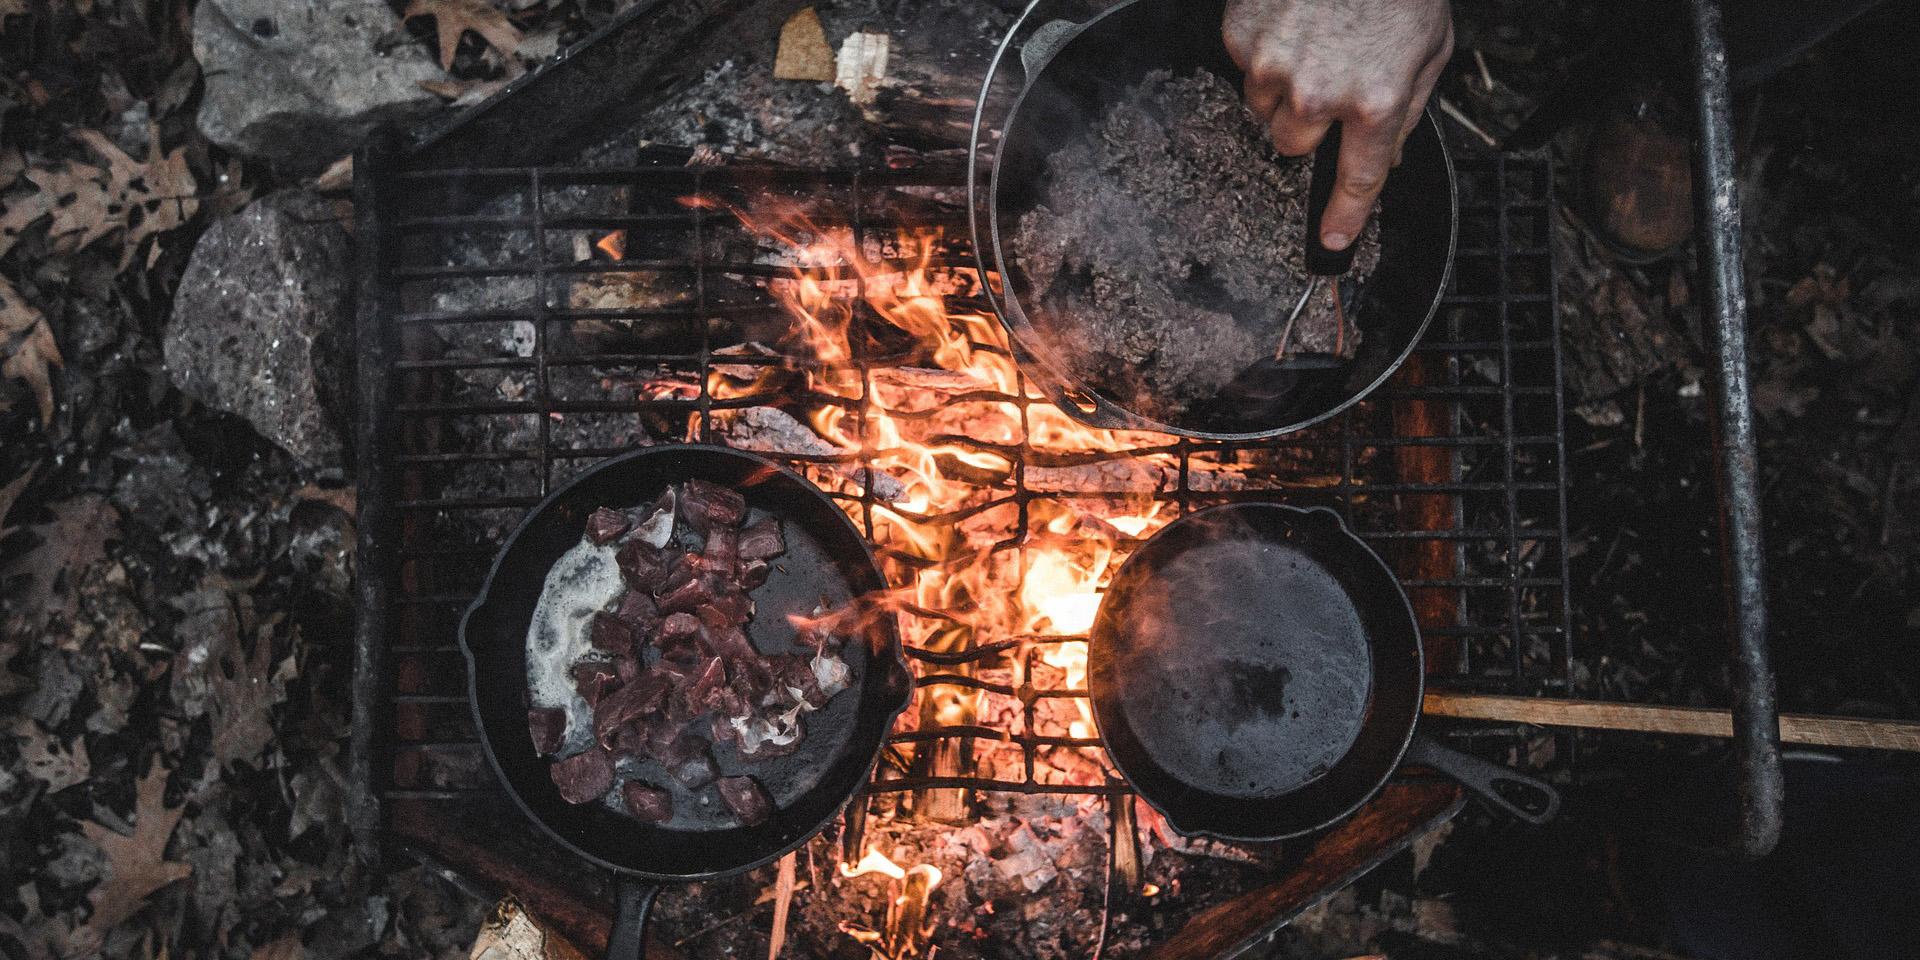 Еда, приготовленная на костре, особенно вкусная